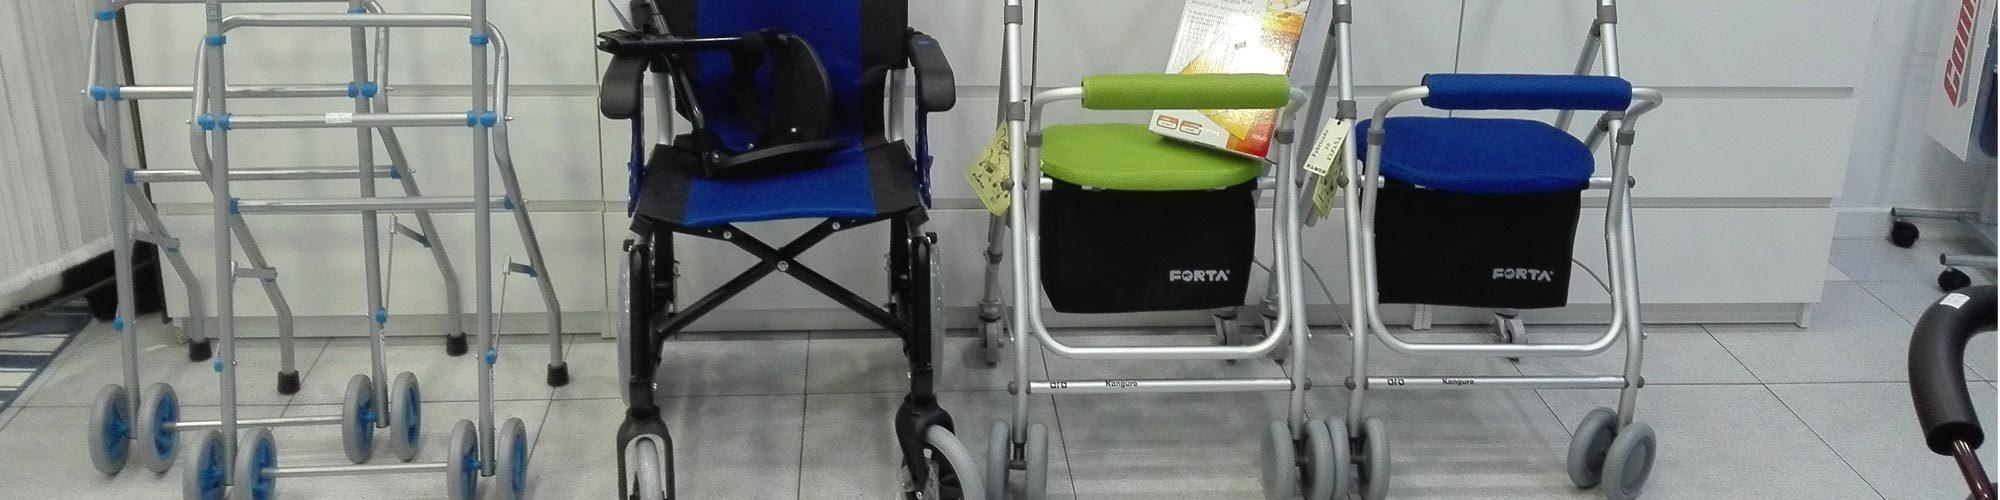 Alquiler de sillas de ruedas, camas y gruas